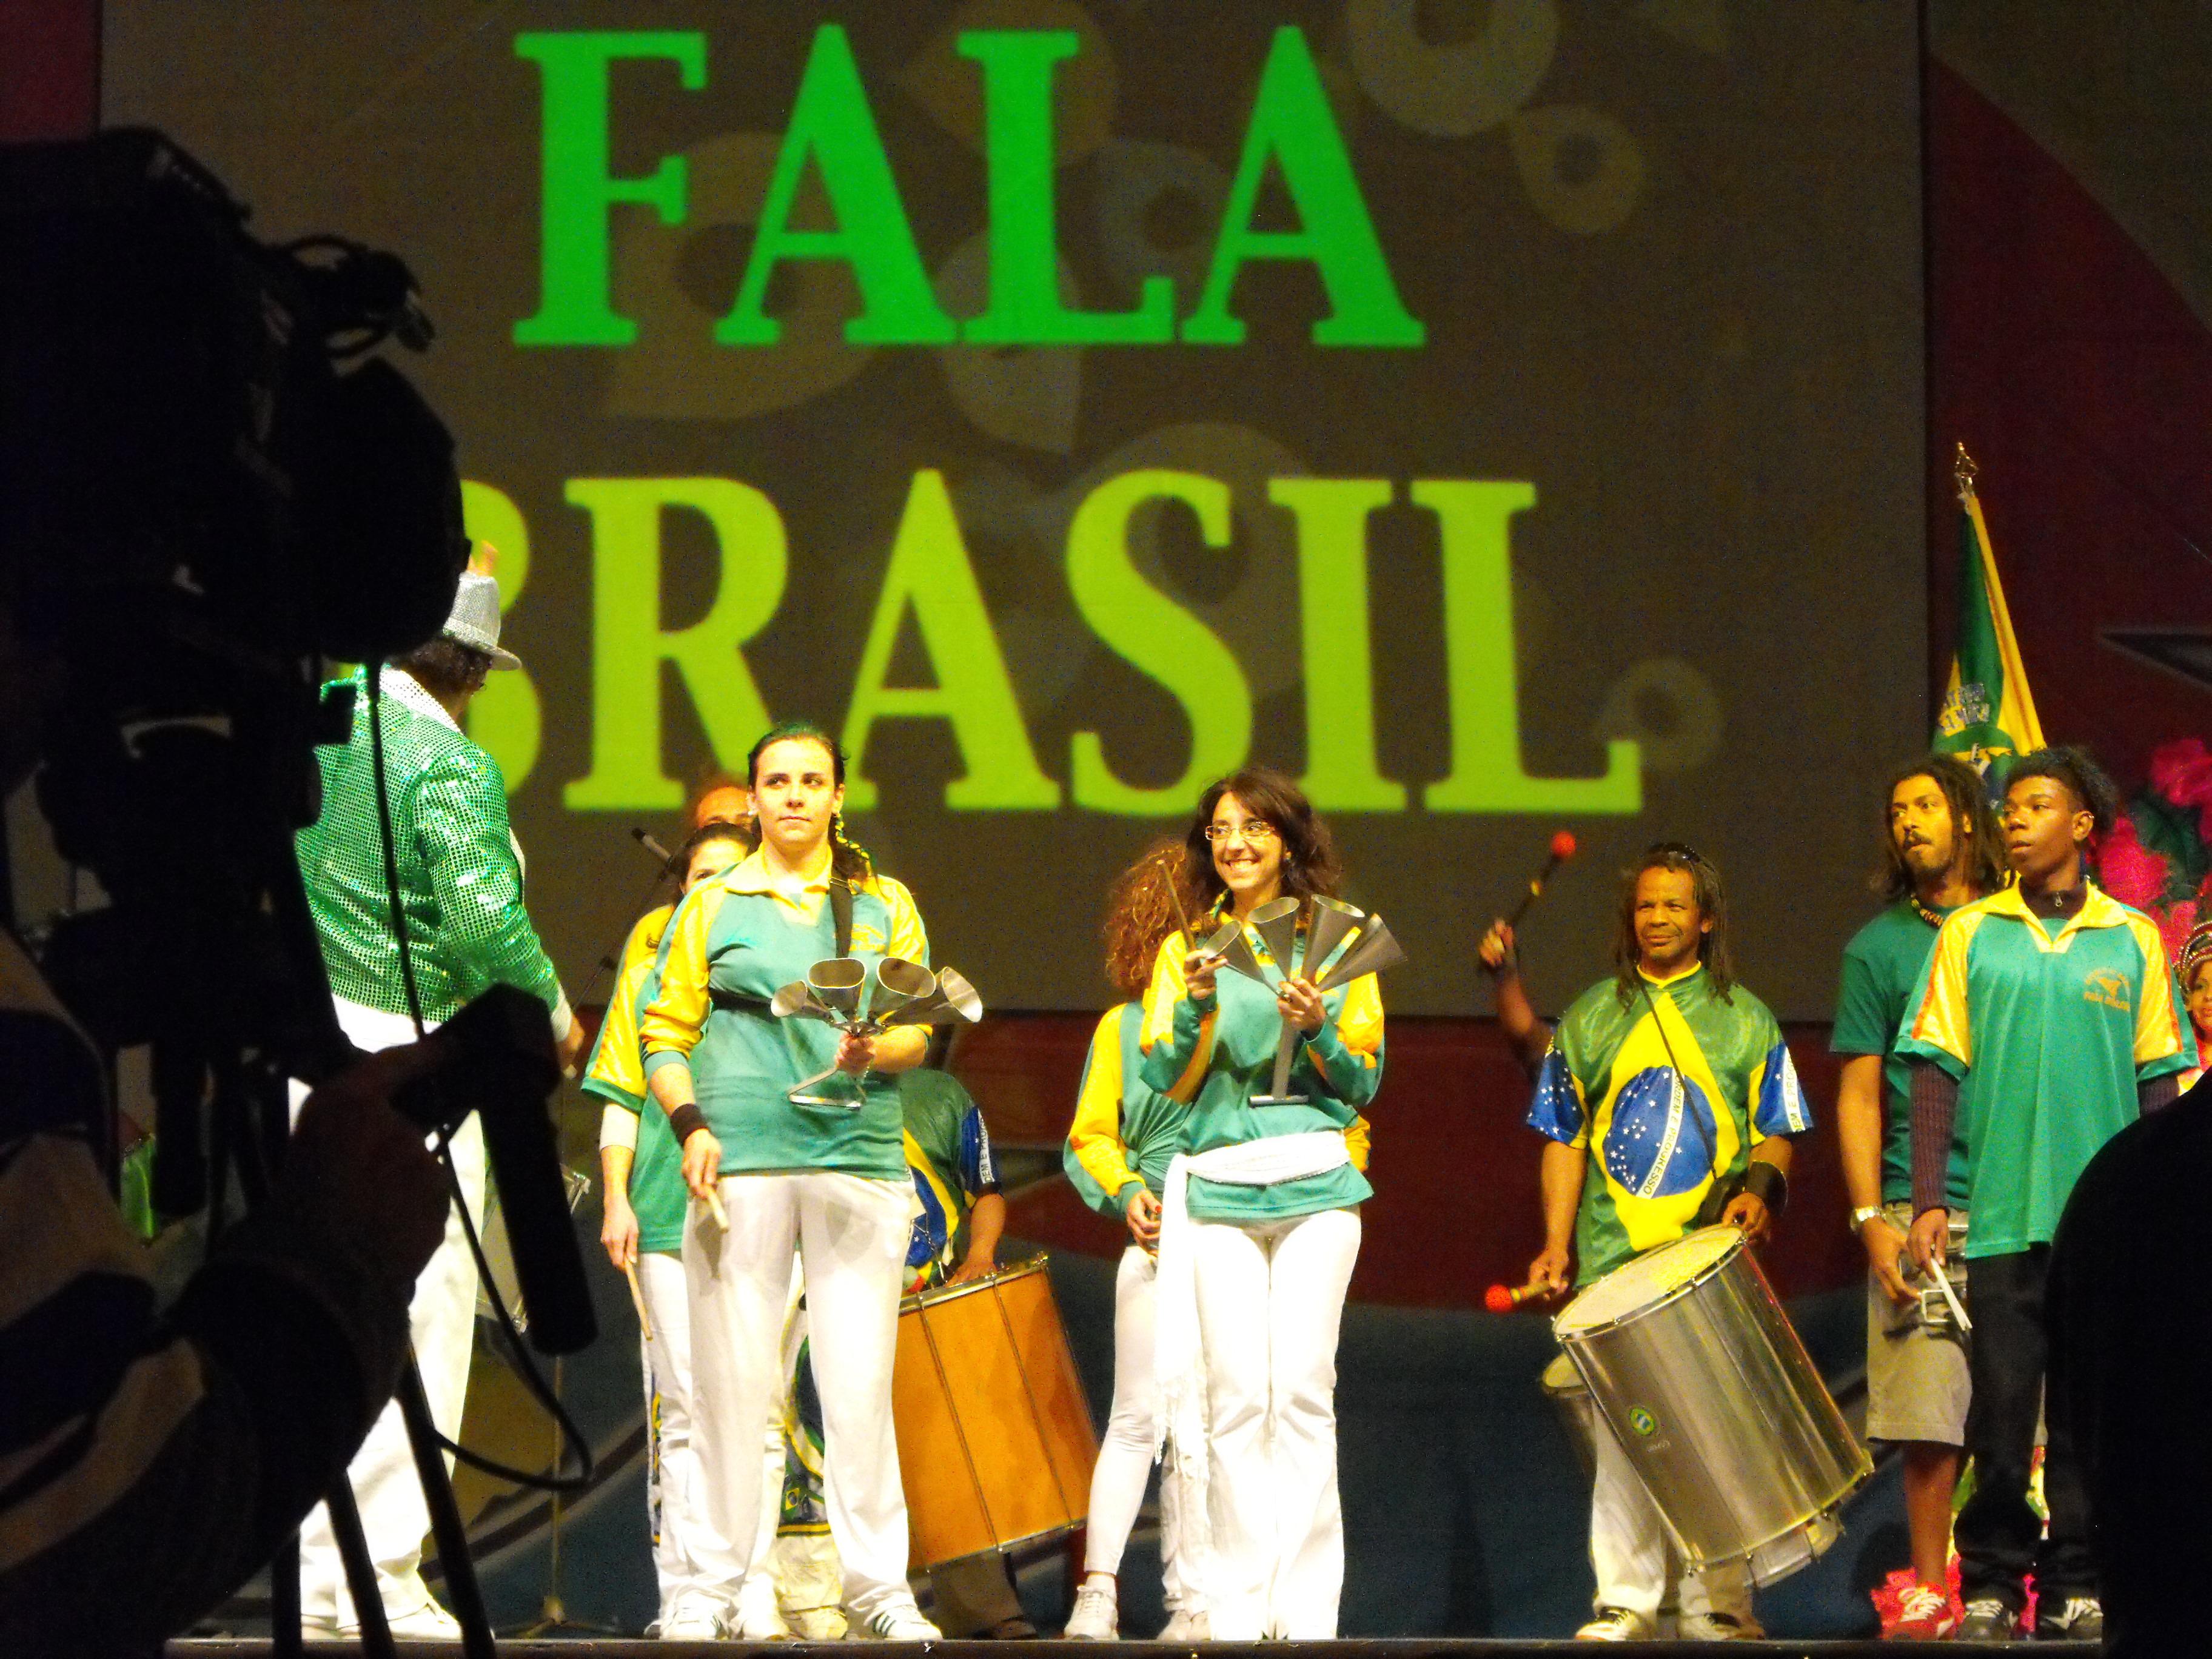 """Grupo brasileiro """"Fala Brasil"""""""